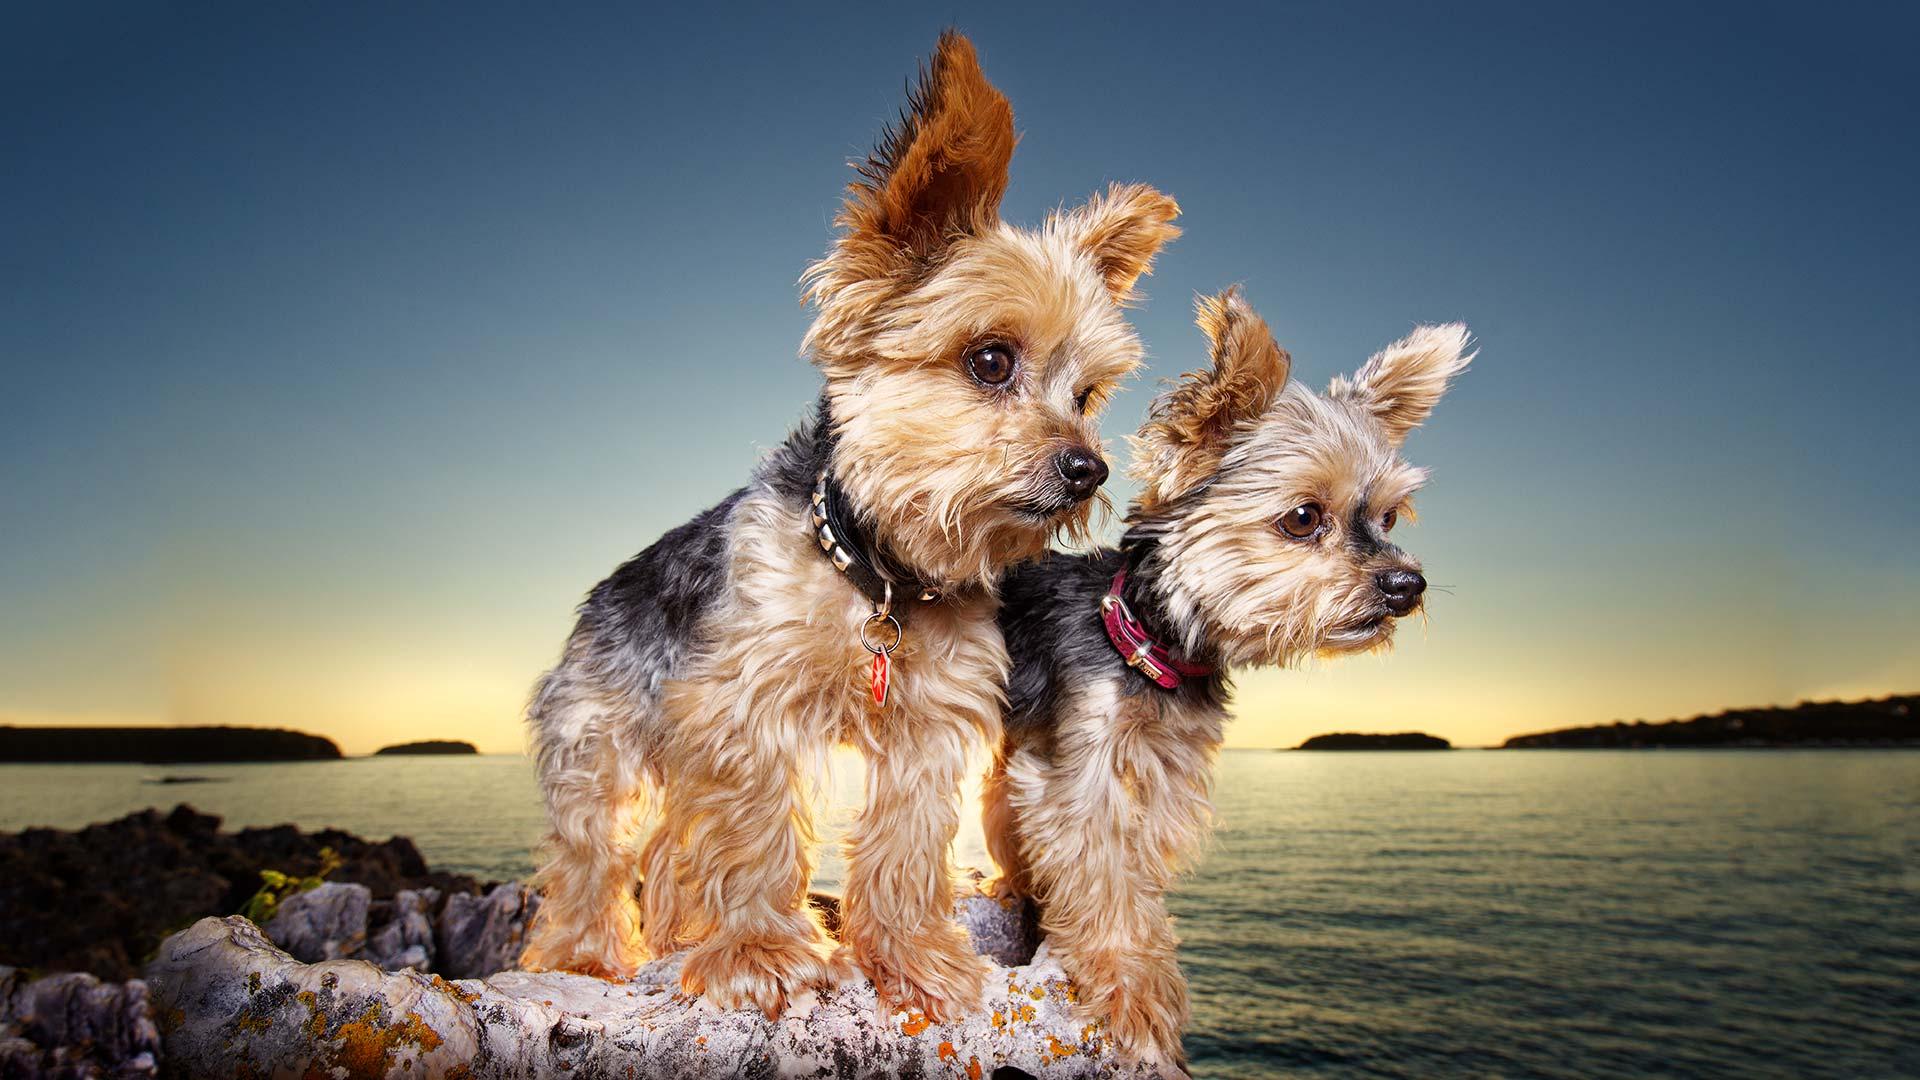 Hund-outdoor-yorkshires-meer